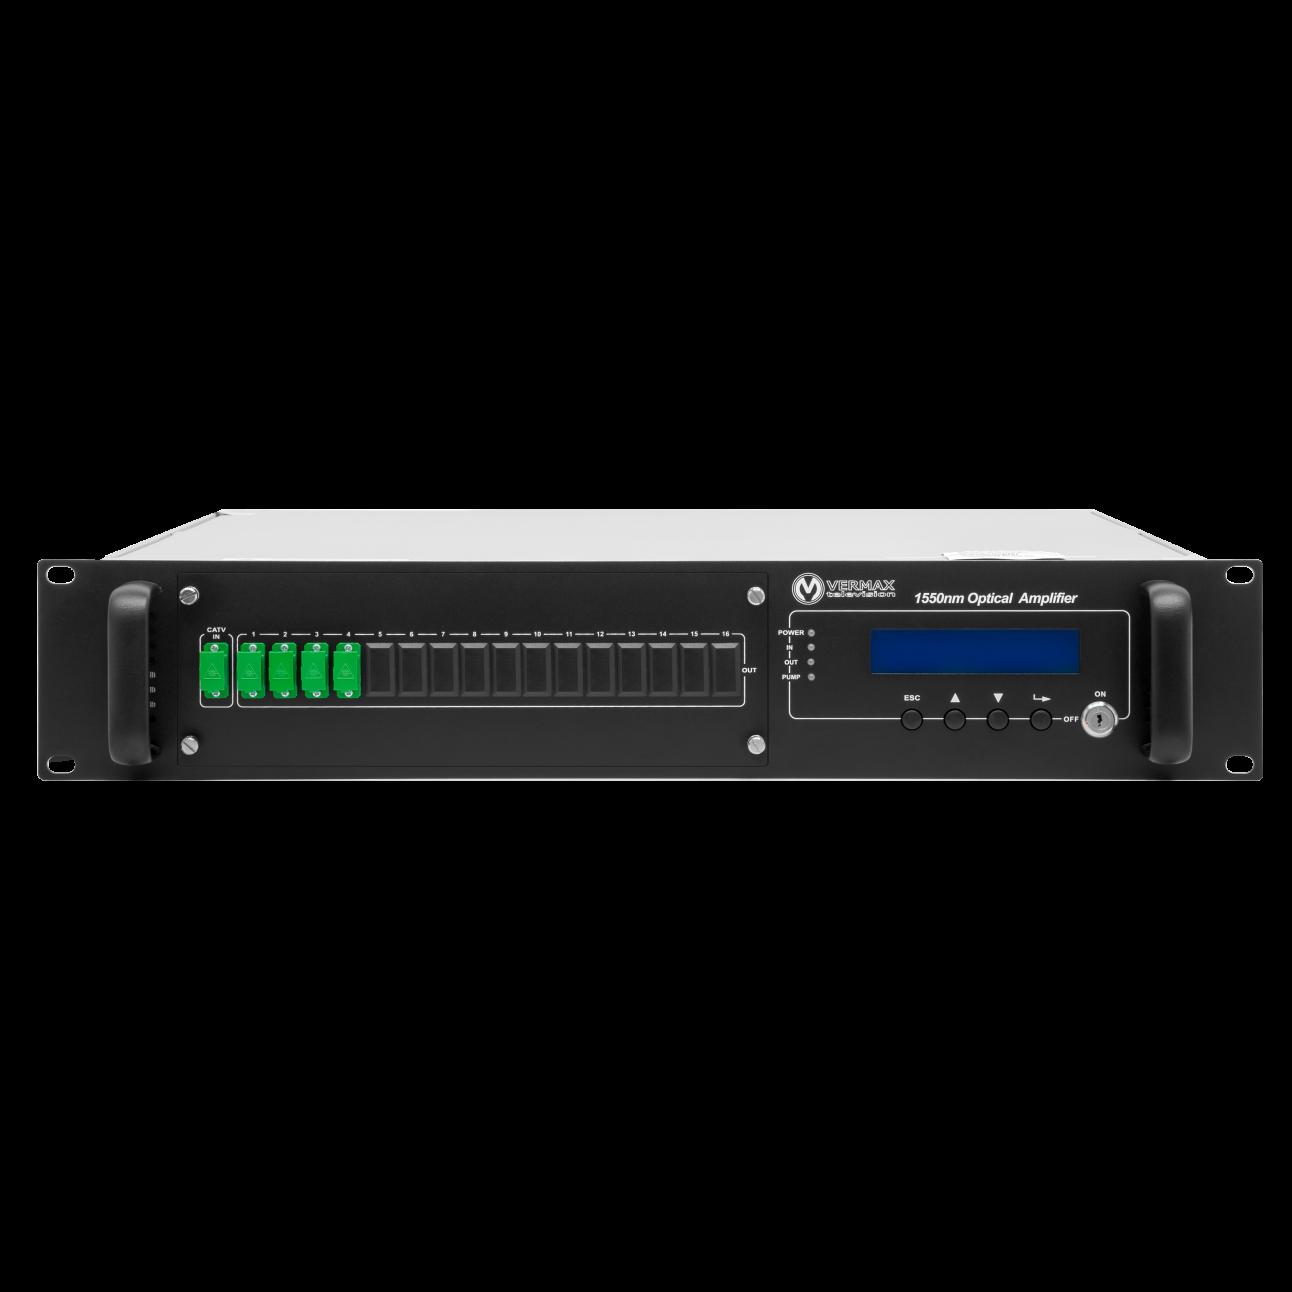 Оптический усилитель VERMAX для сетей КТВ, 4*24dBm